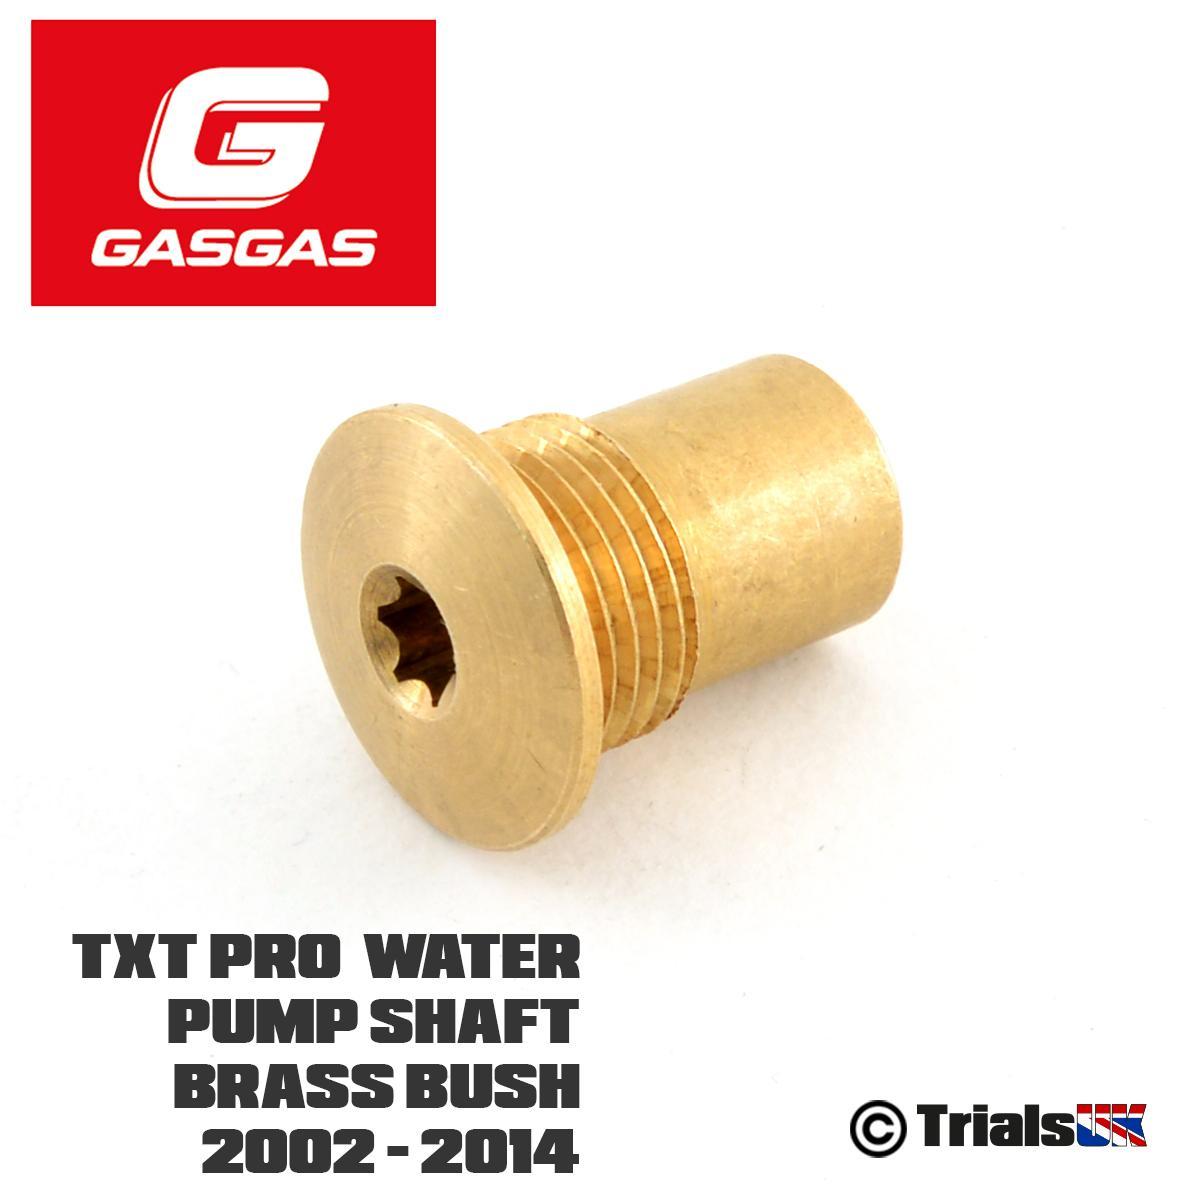 GAS GAS ME25610011  MECHANICAL WATER PUMP SEAL GASGAS  B109G:G399